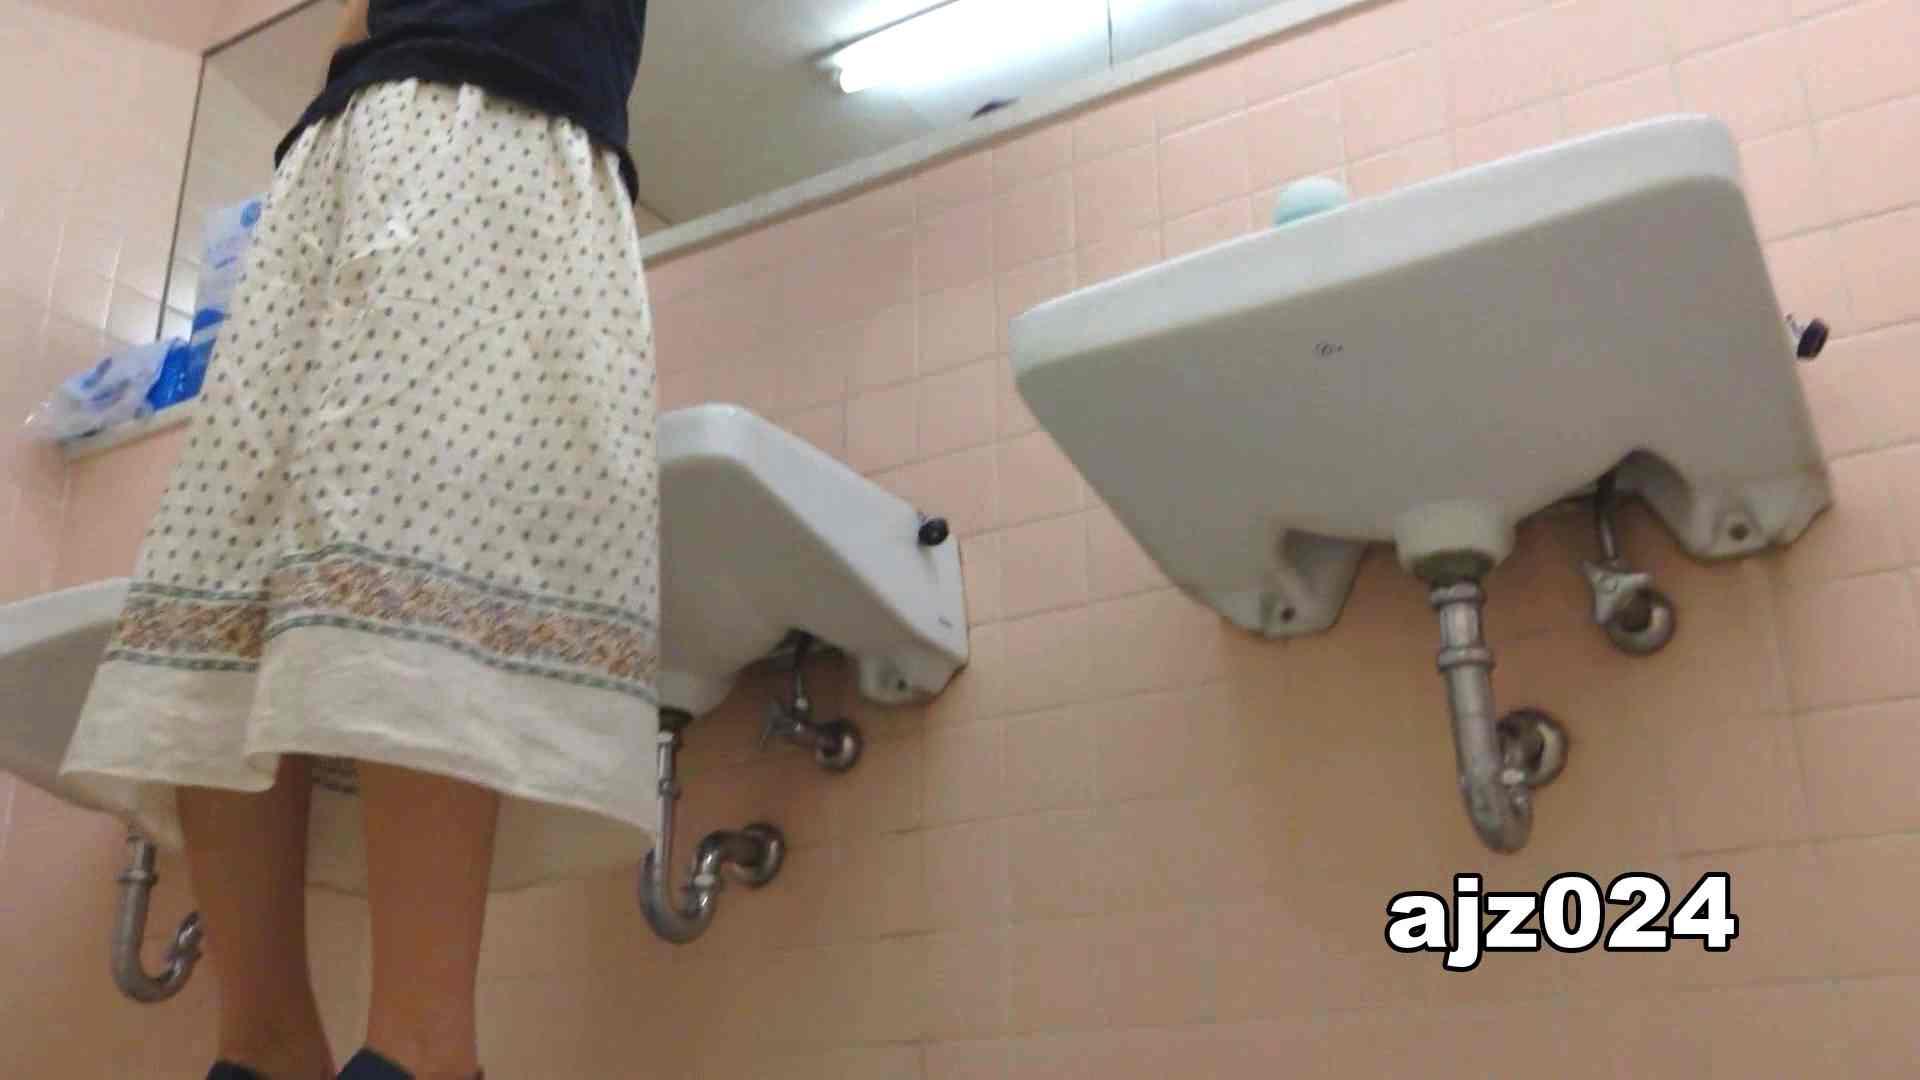 某有名大学女性洗面所 vol.24 潜入突撃 | 和式トイレ  73pic 21